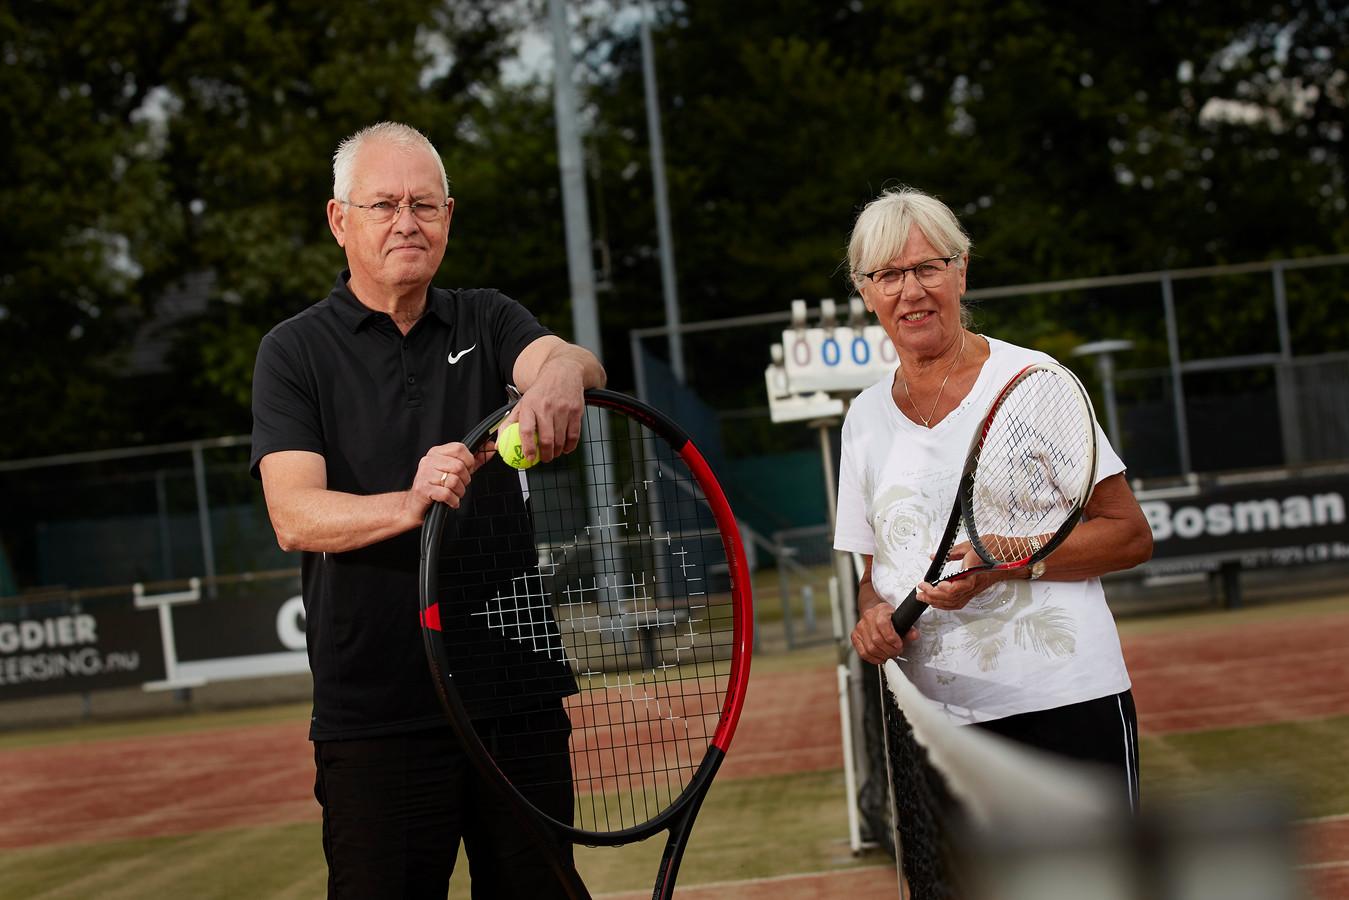 """Lenie Jacobs en Huib Vreugdenhil van OldStars. """"Bewegen is belangrijk voor ouderen. Zo blijven we fit en vitaal. Maar het sociale aspect is minstens zo belangrijk.''"""